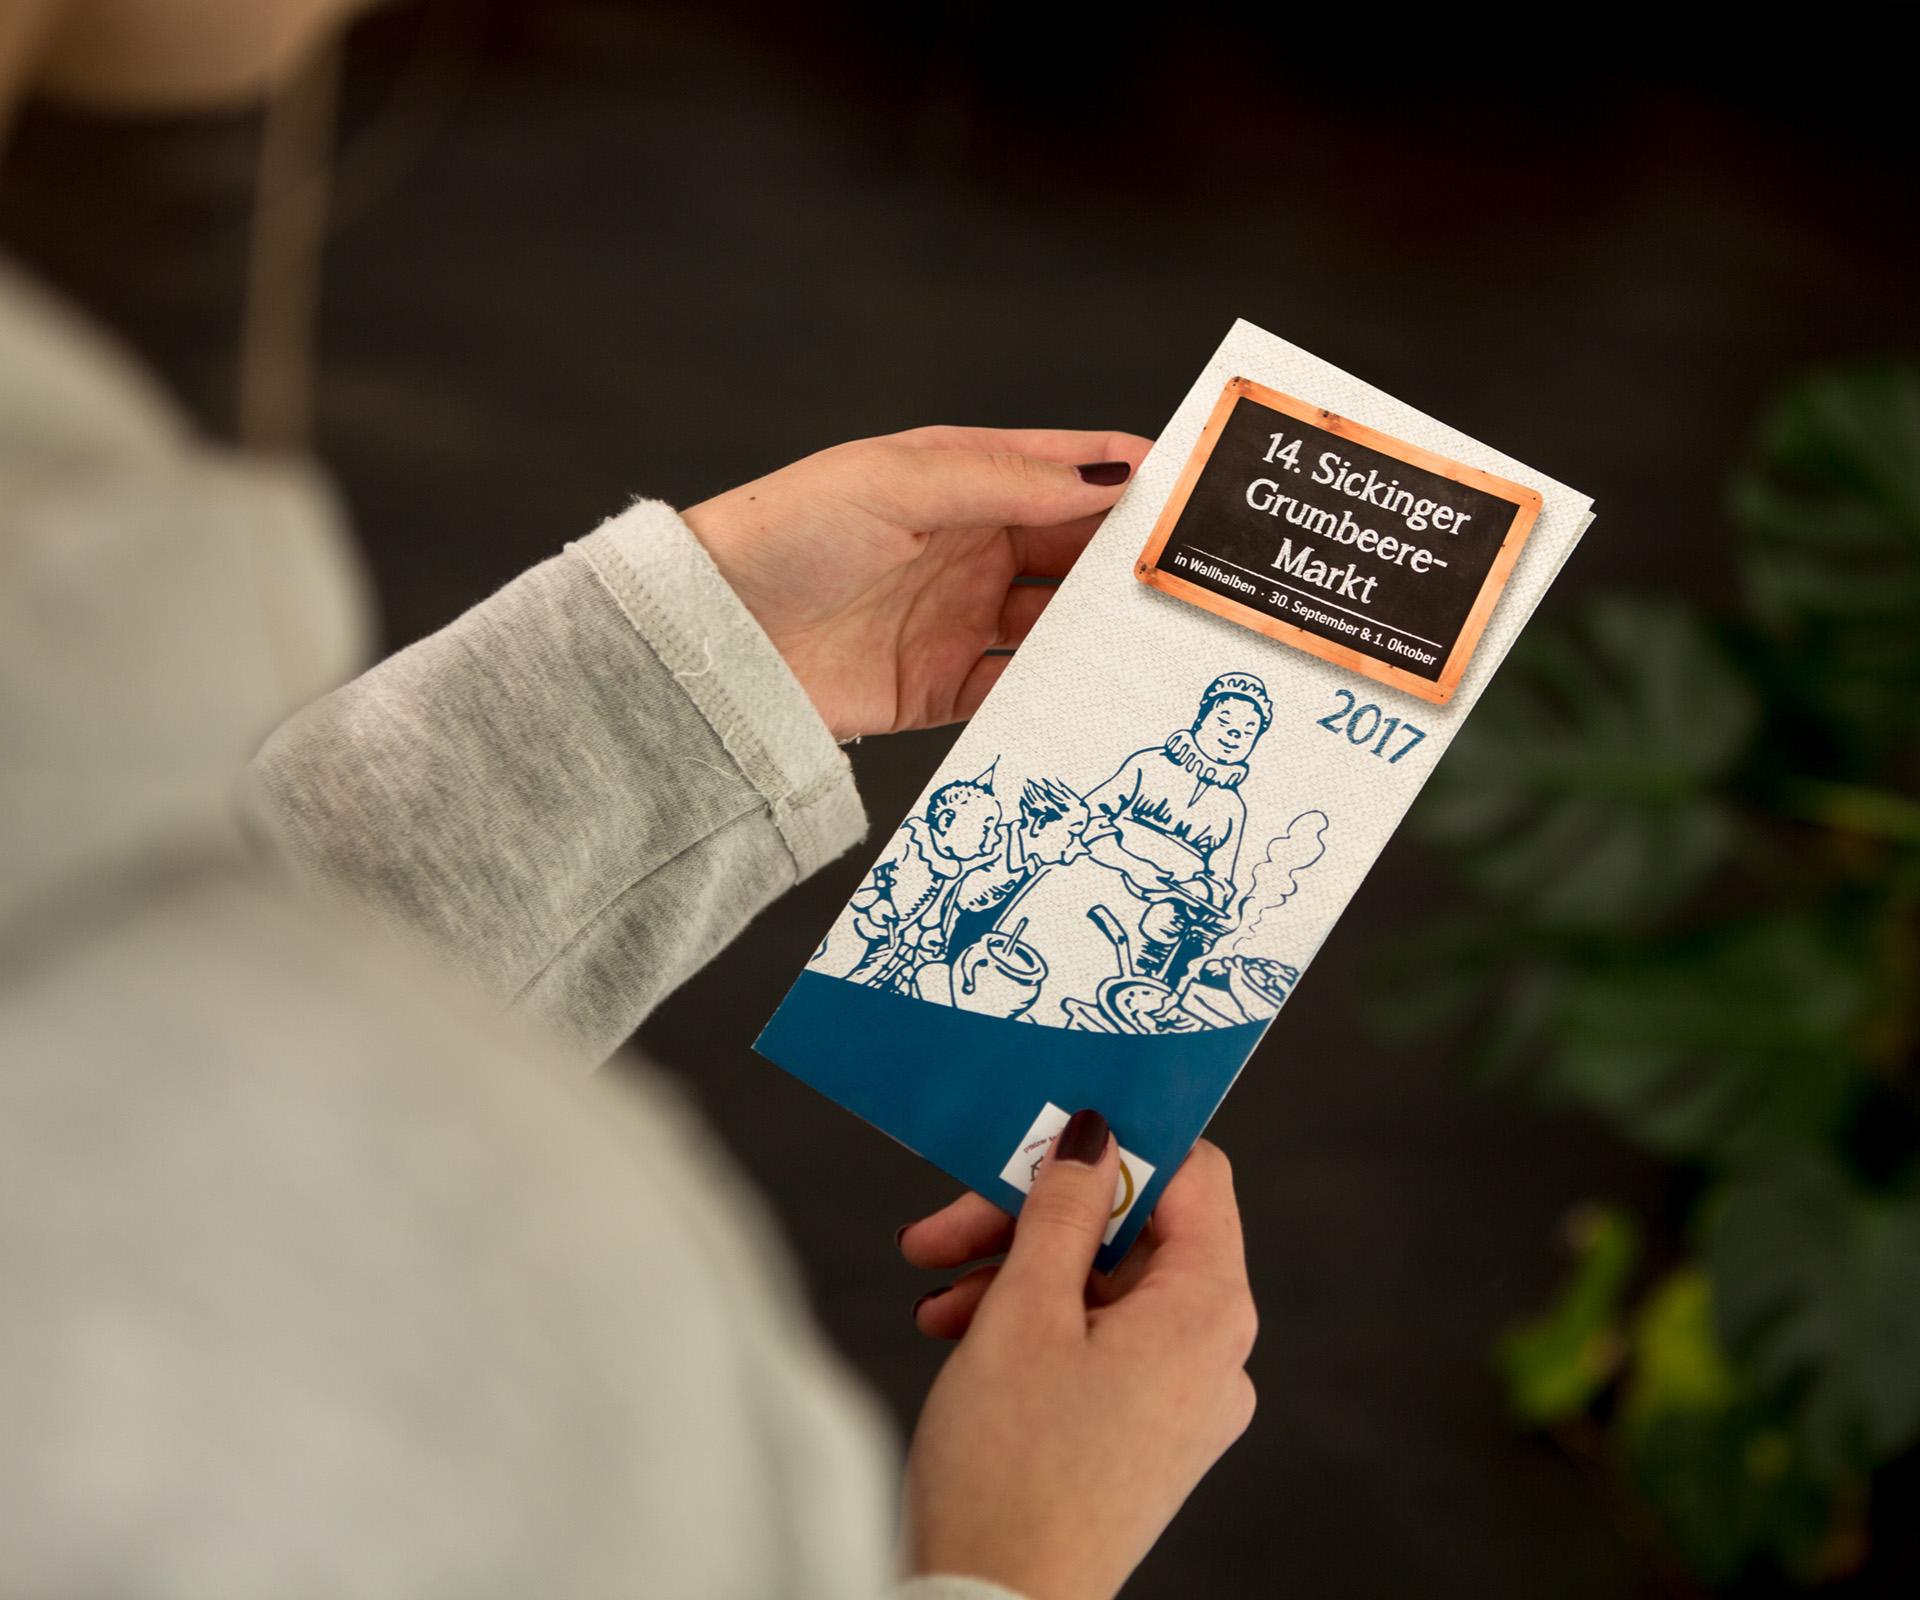 Sabath Media Werbeagentur - Tourist Information Pfälzer Mühlenland - Referenzbild 1